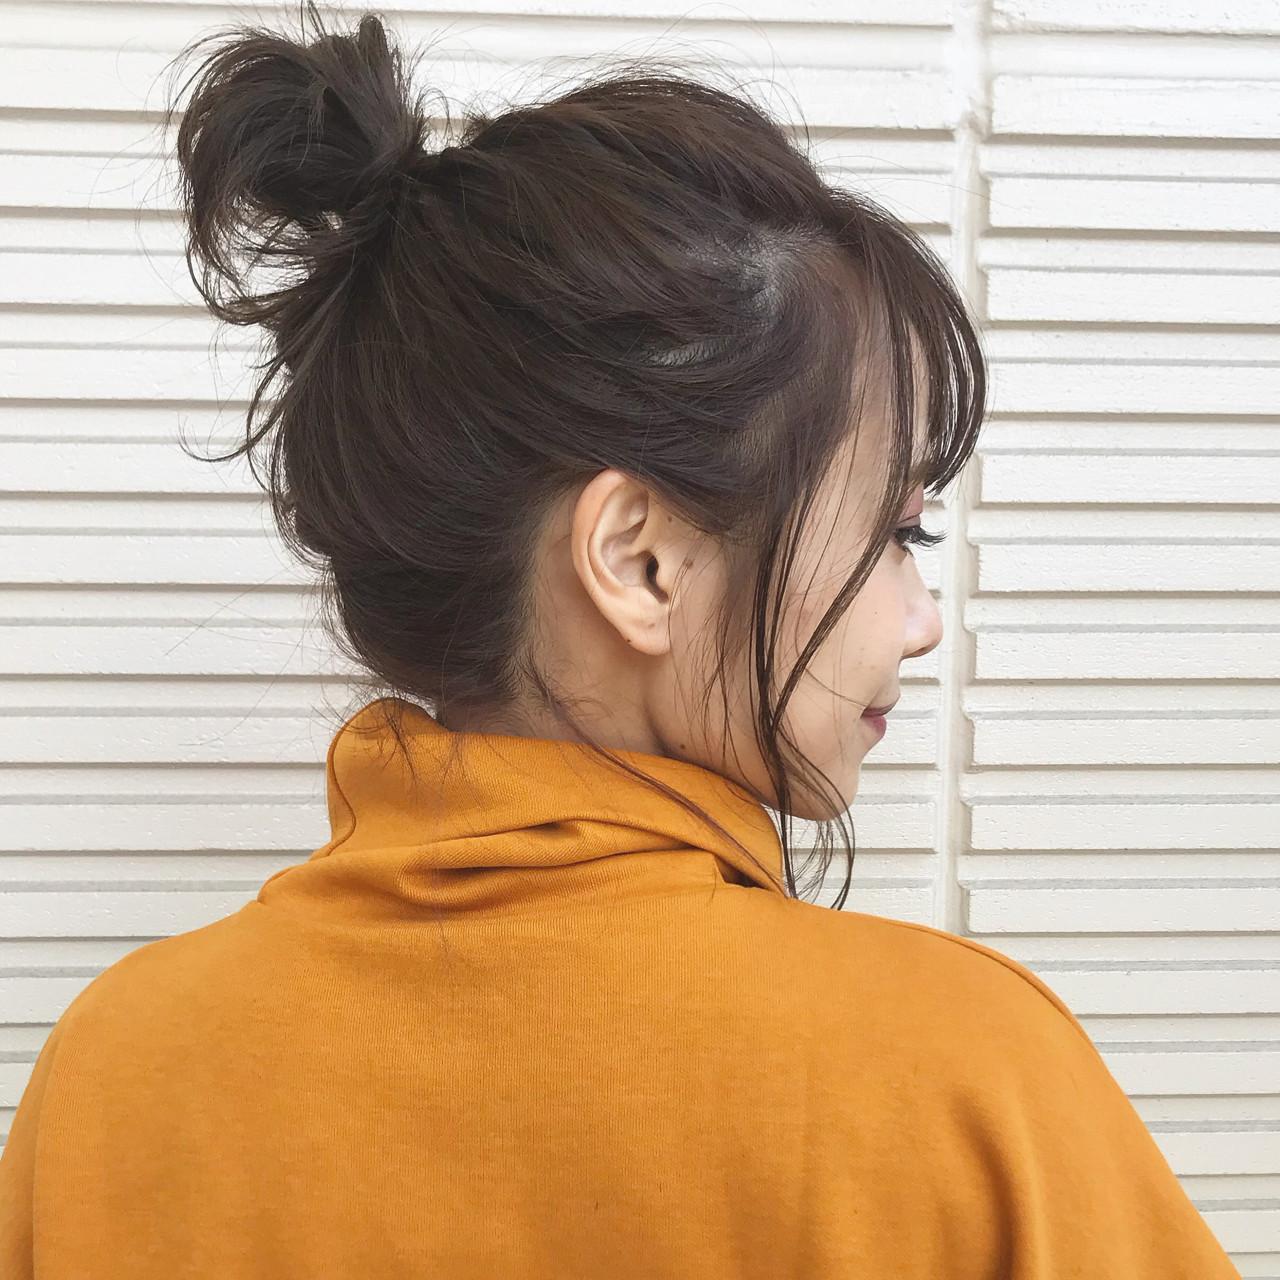 ヘアアレンジ 簡単ヘアアレンジ フェミニン ボブ ヘアスタイルや髪型の写真・画像